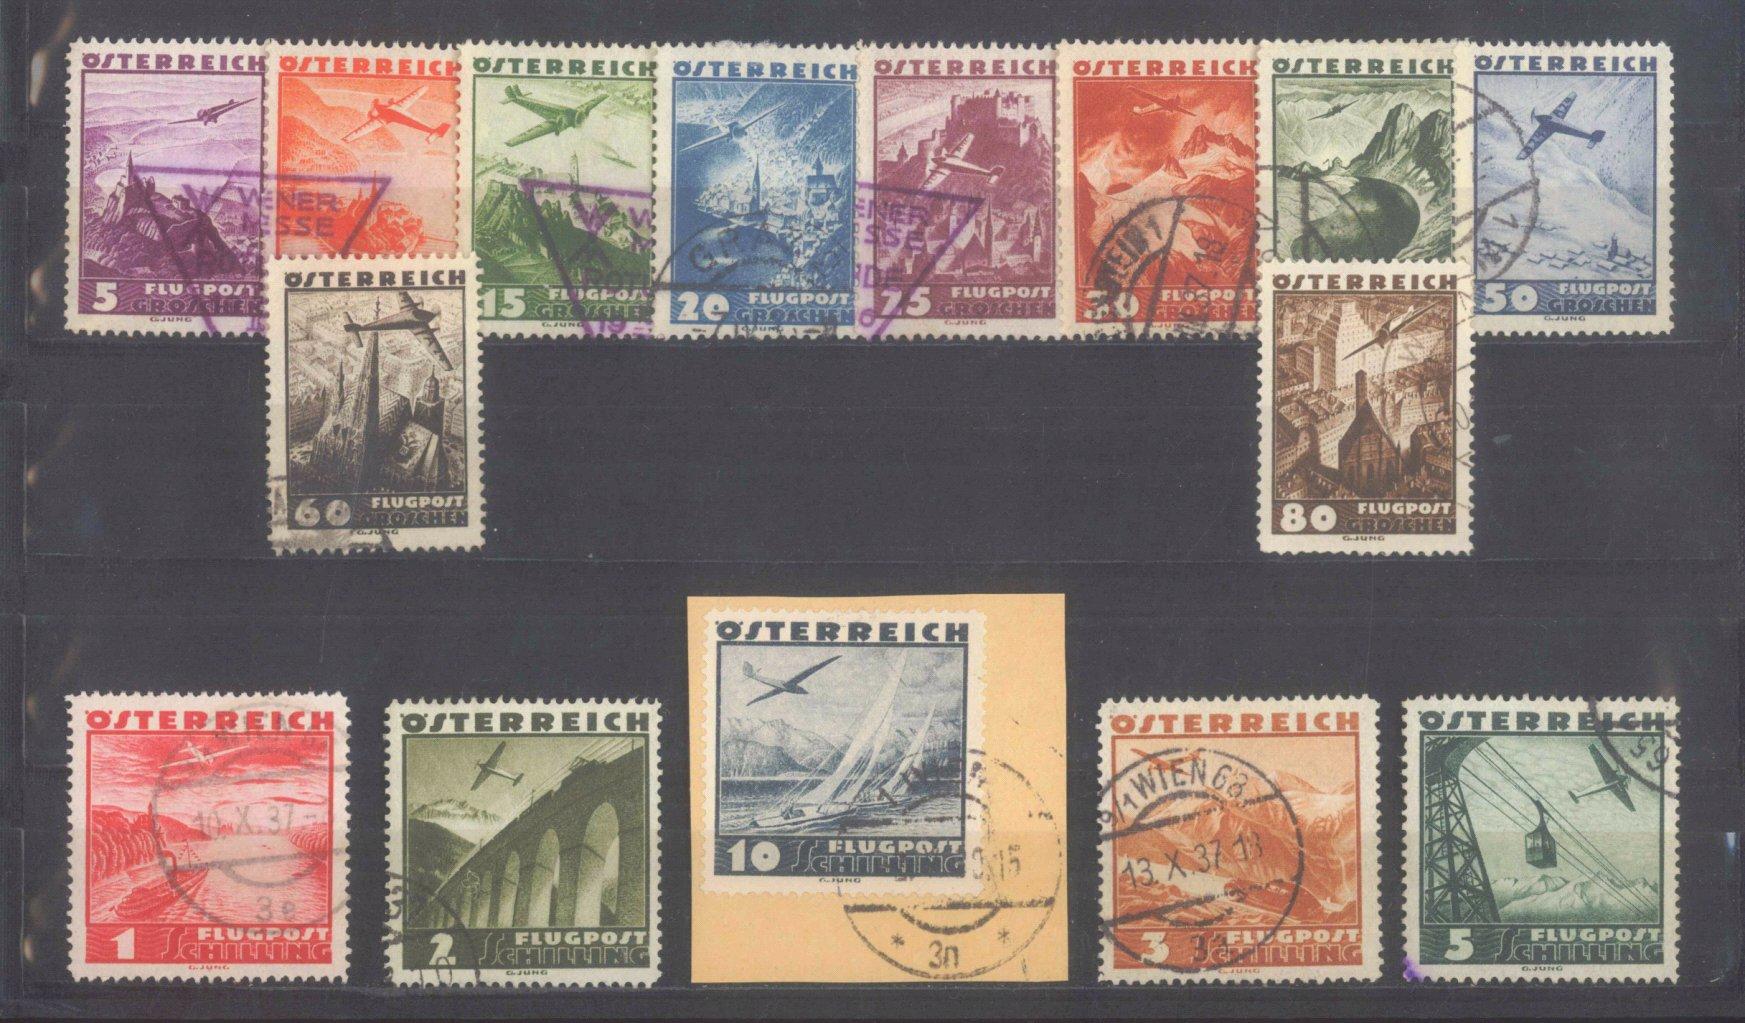 ÖSTERREICH 1935, Flugzeuge über Landschaften